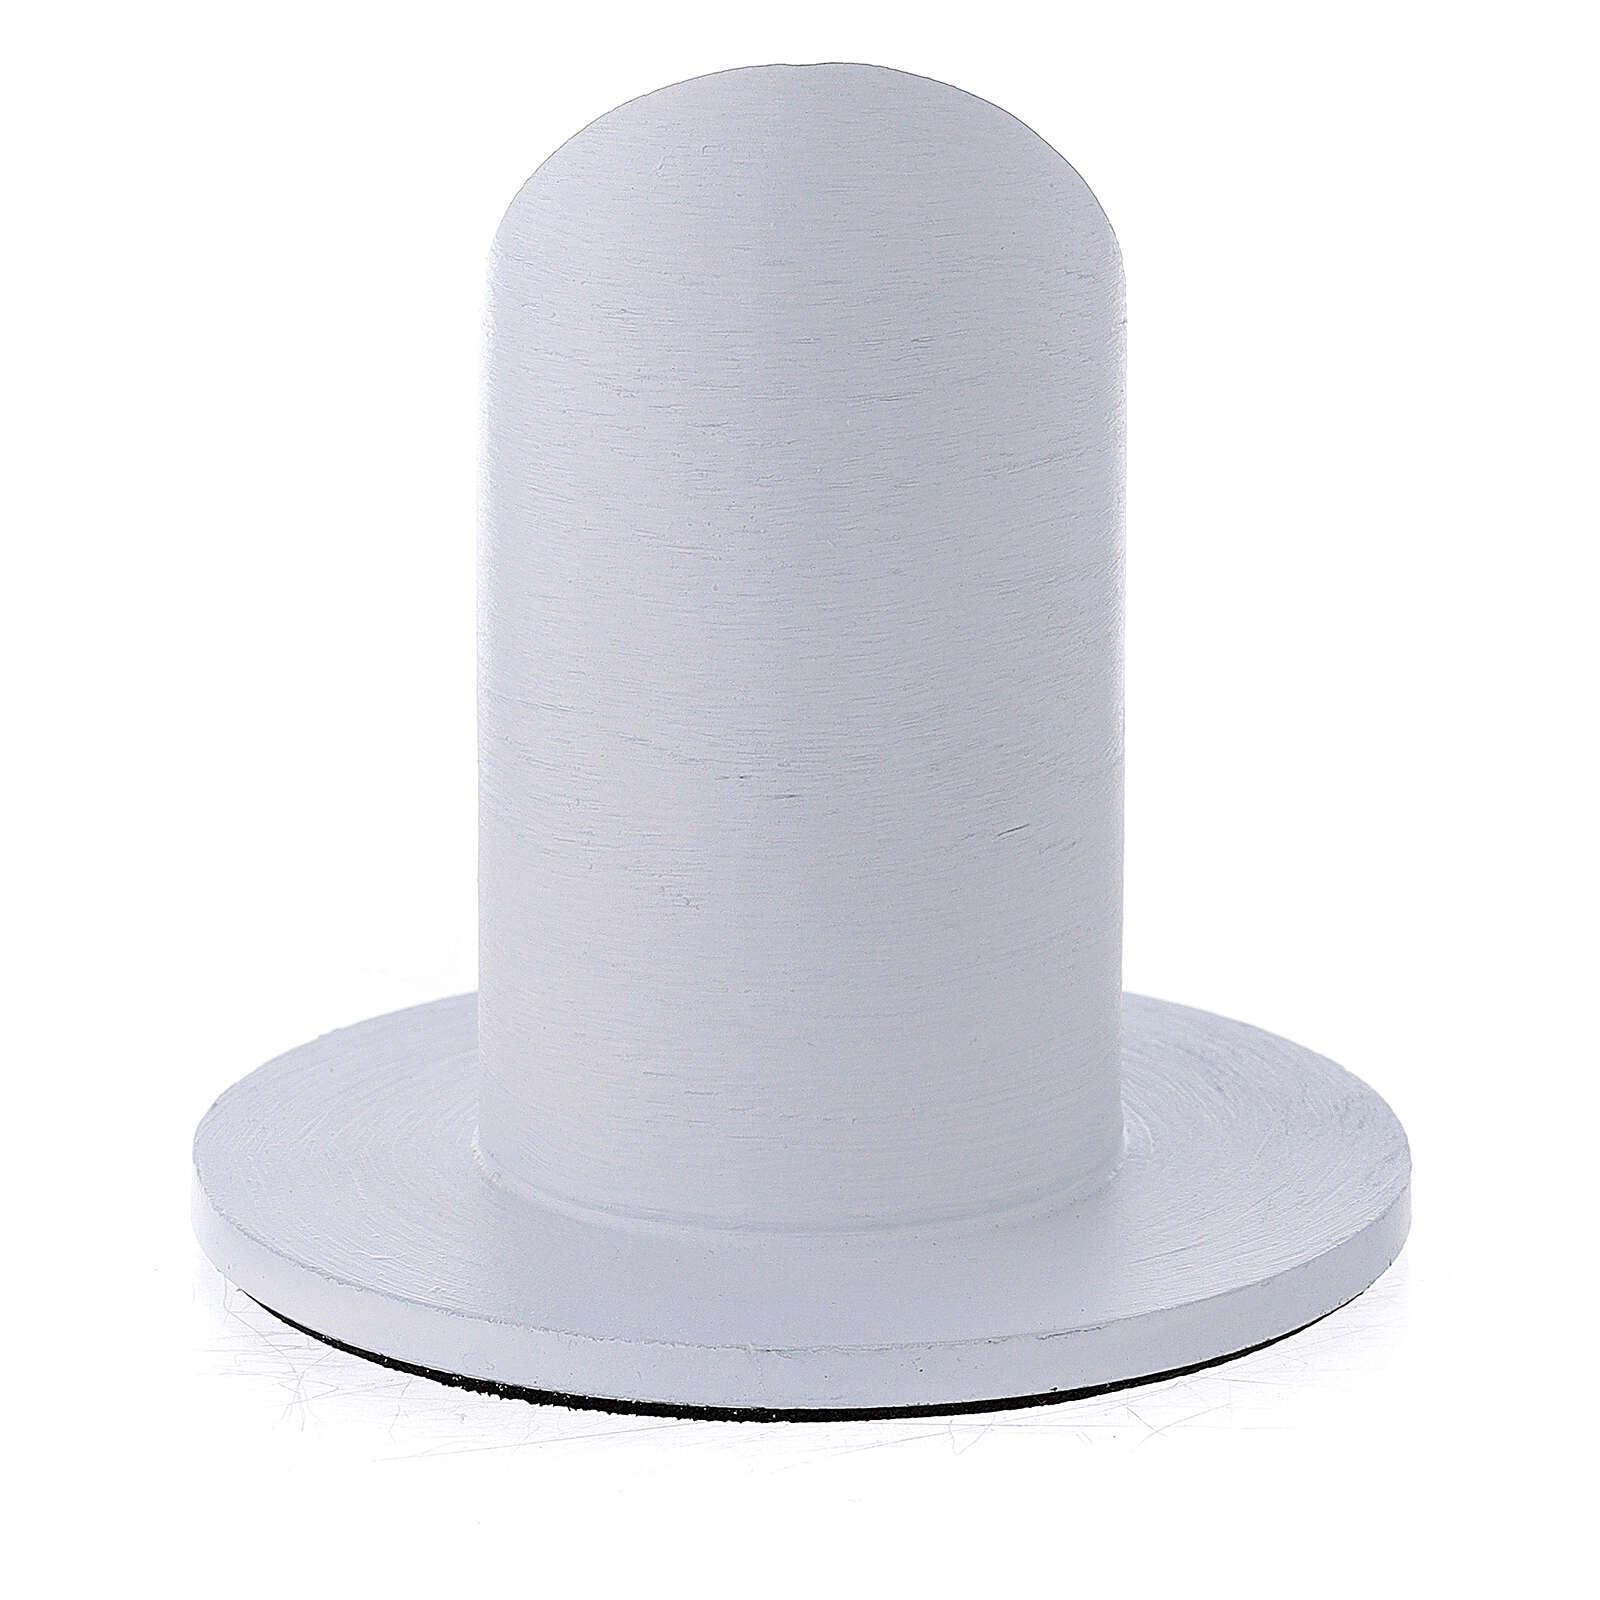 White brushed aluminium candle holder 1 1/2 in 3